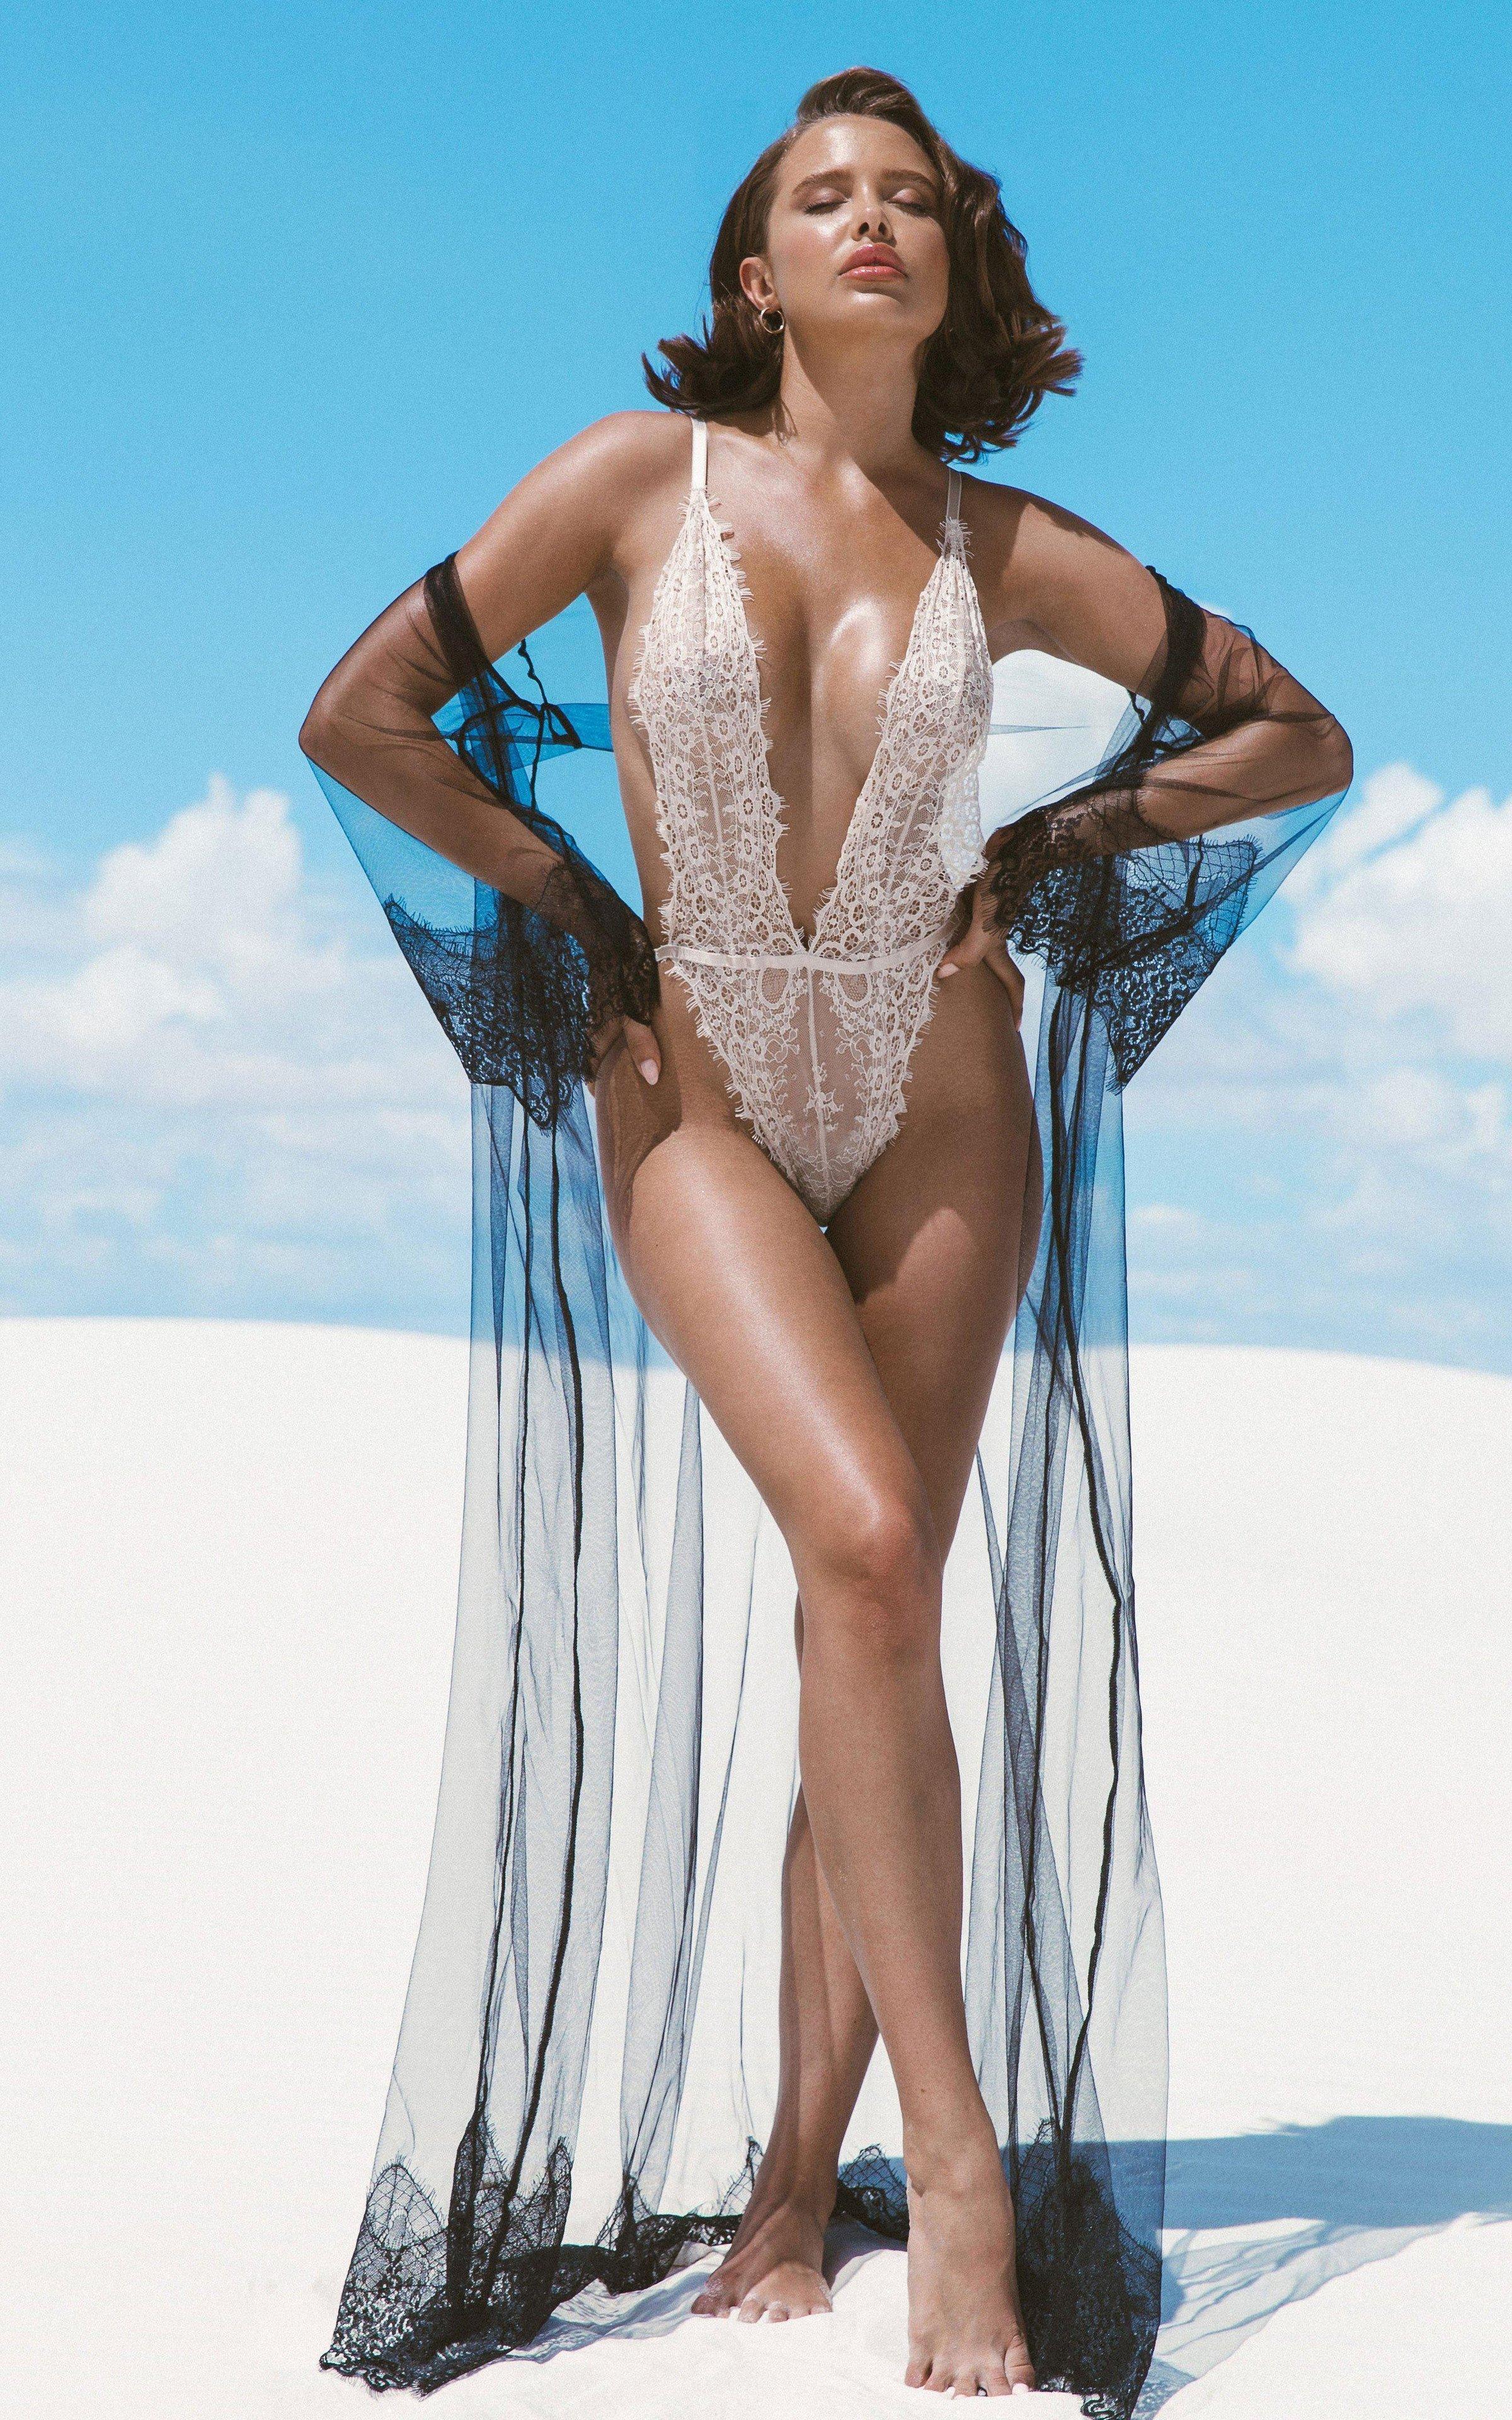 hot mood lingerie model